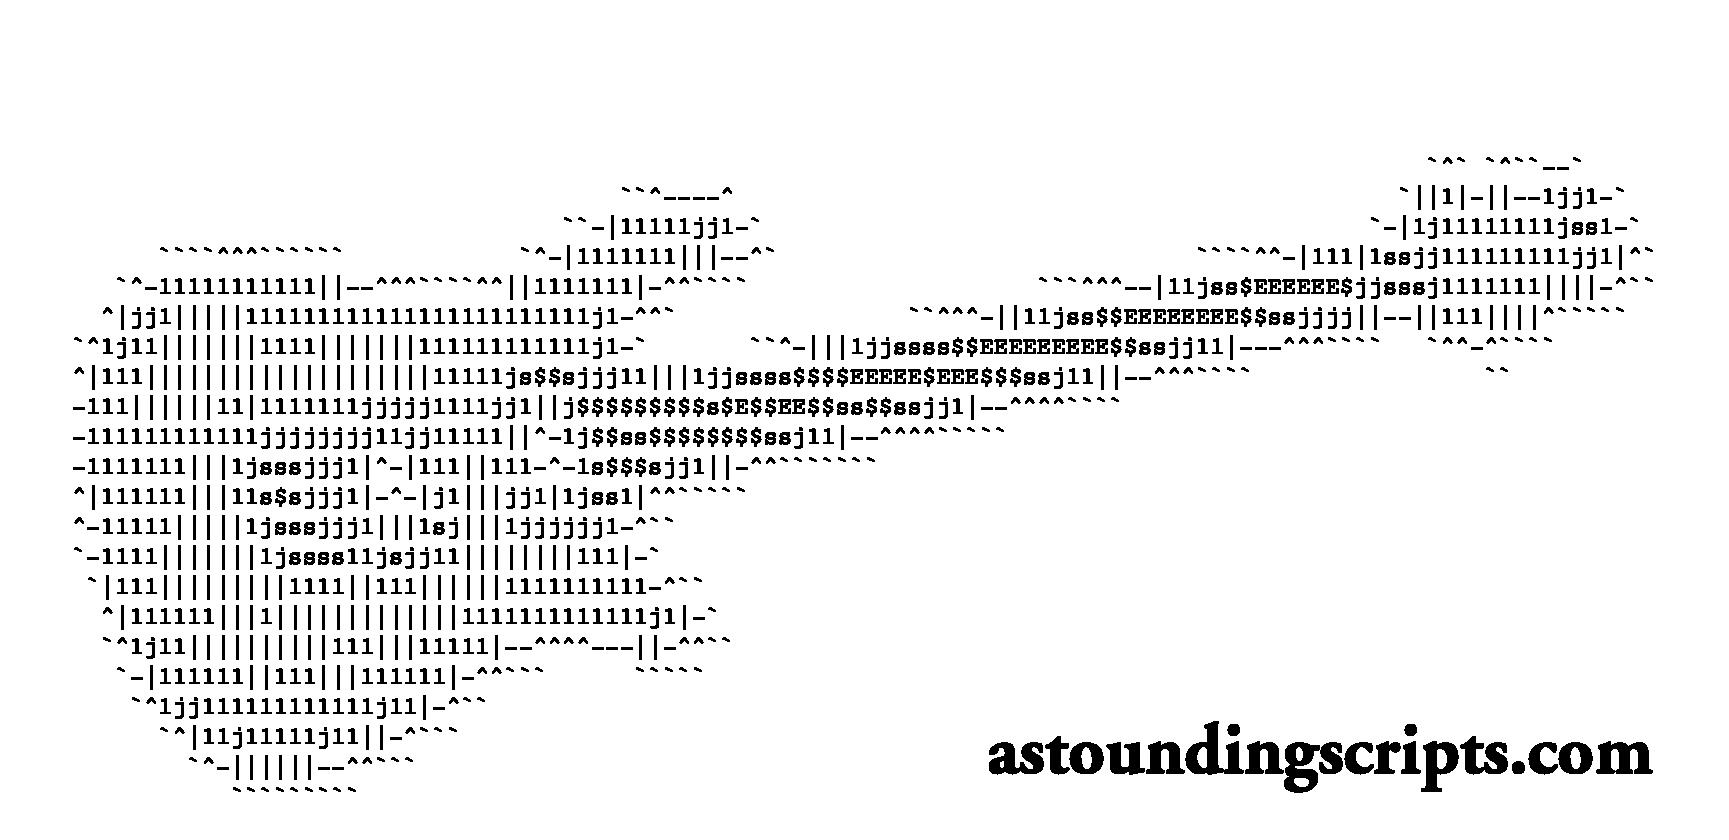 ascii-guitar-courier